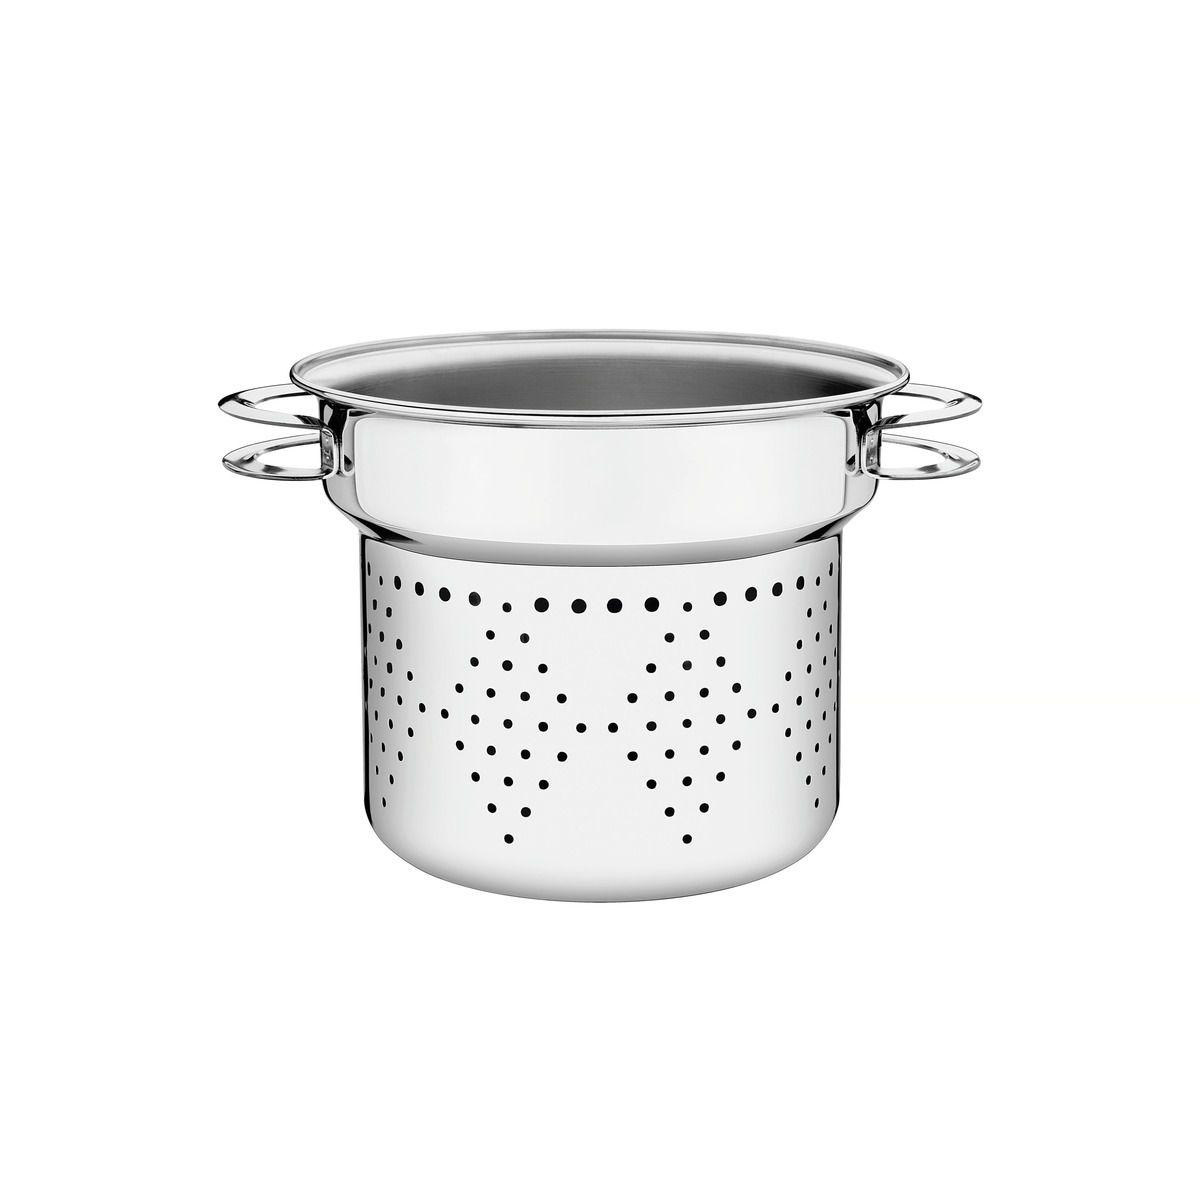 Cozi-Pasta Tramontina Solar em Aço Inox Alças Baquelite 24 cm 8 L 62514/240 | Lojas Estrela